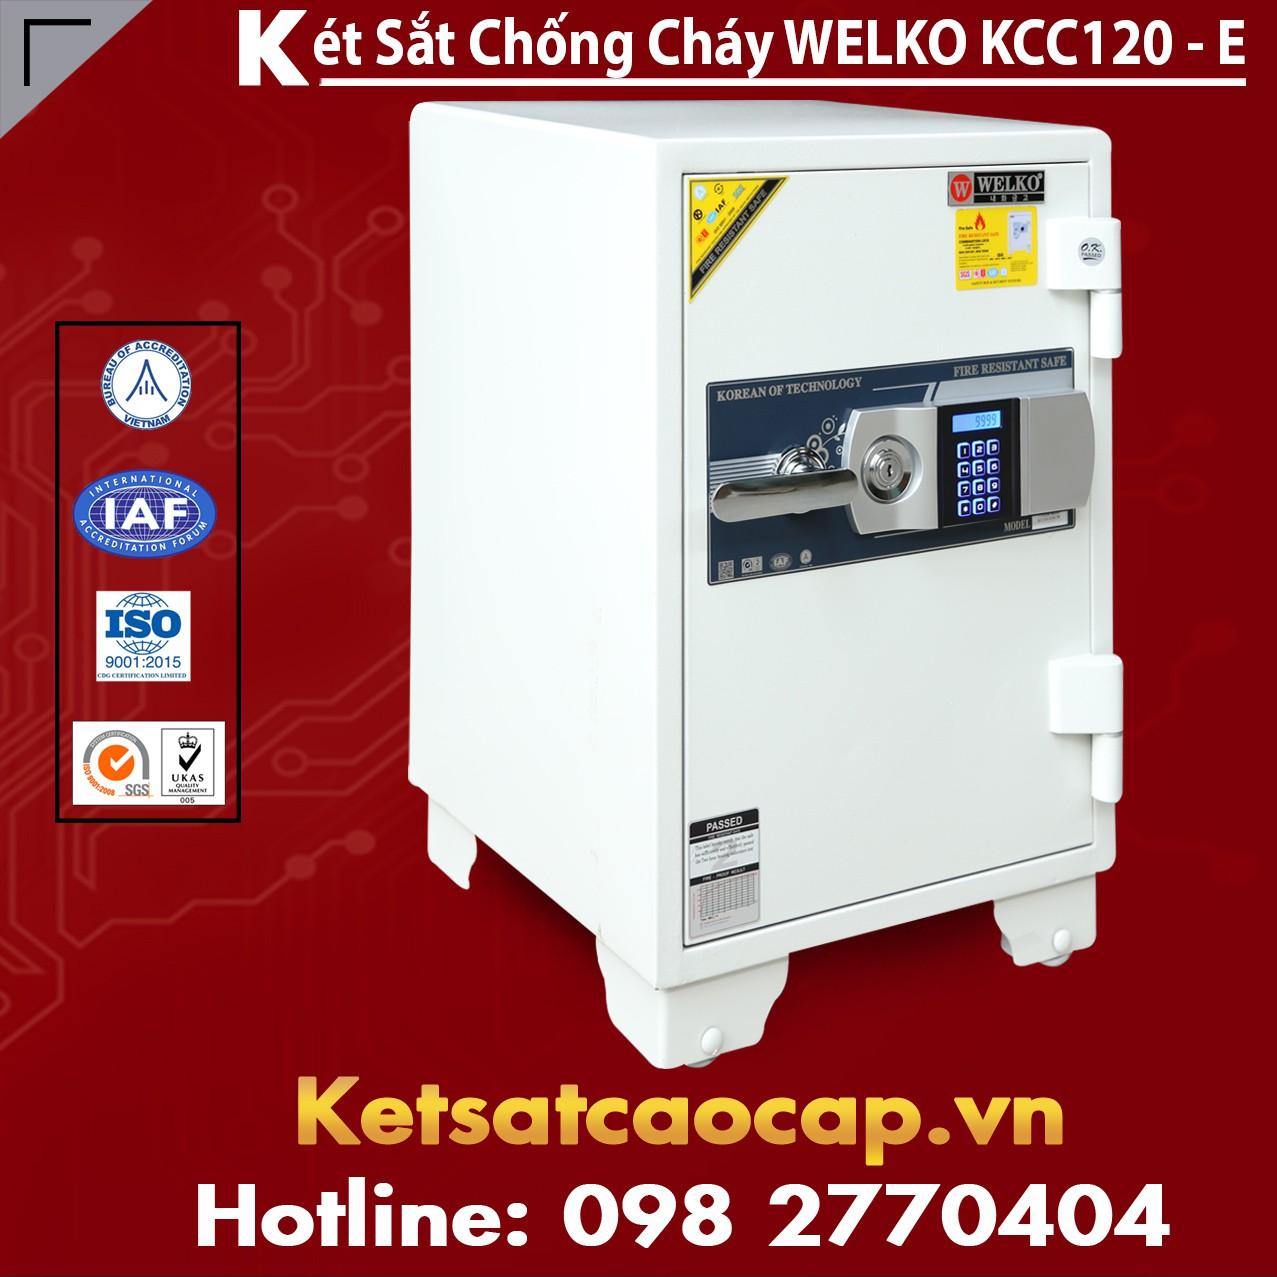 Két Sắt Giá Rẻ KCC120 E Silver - White